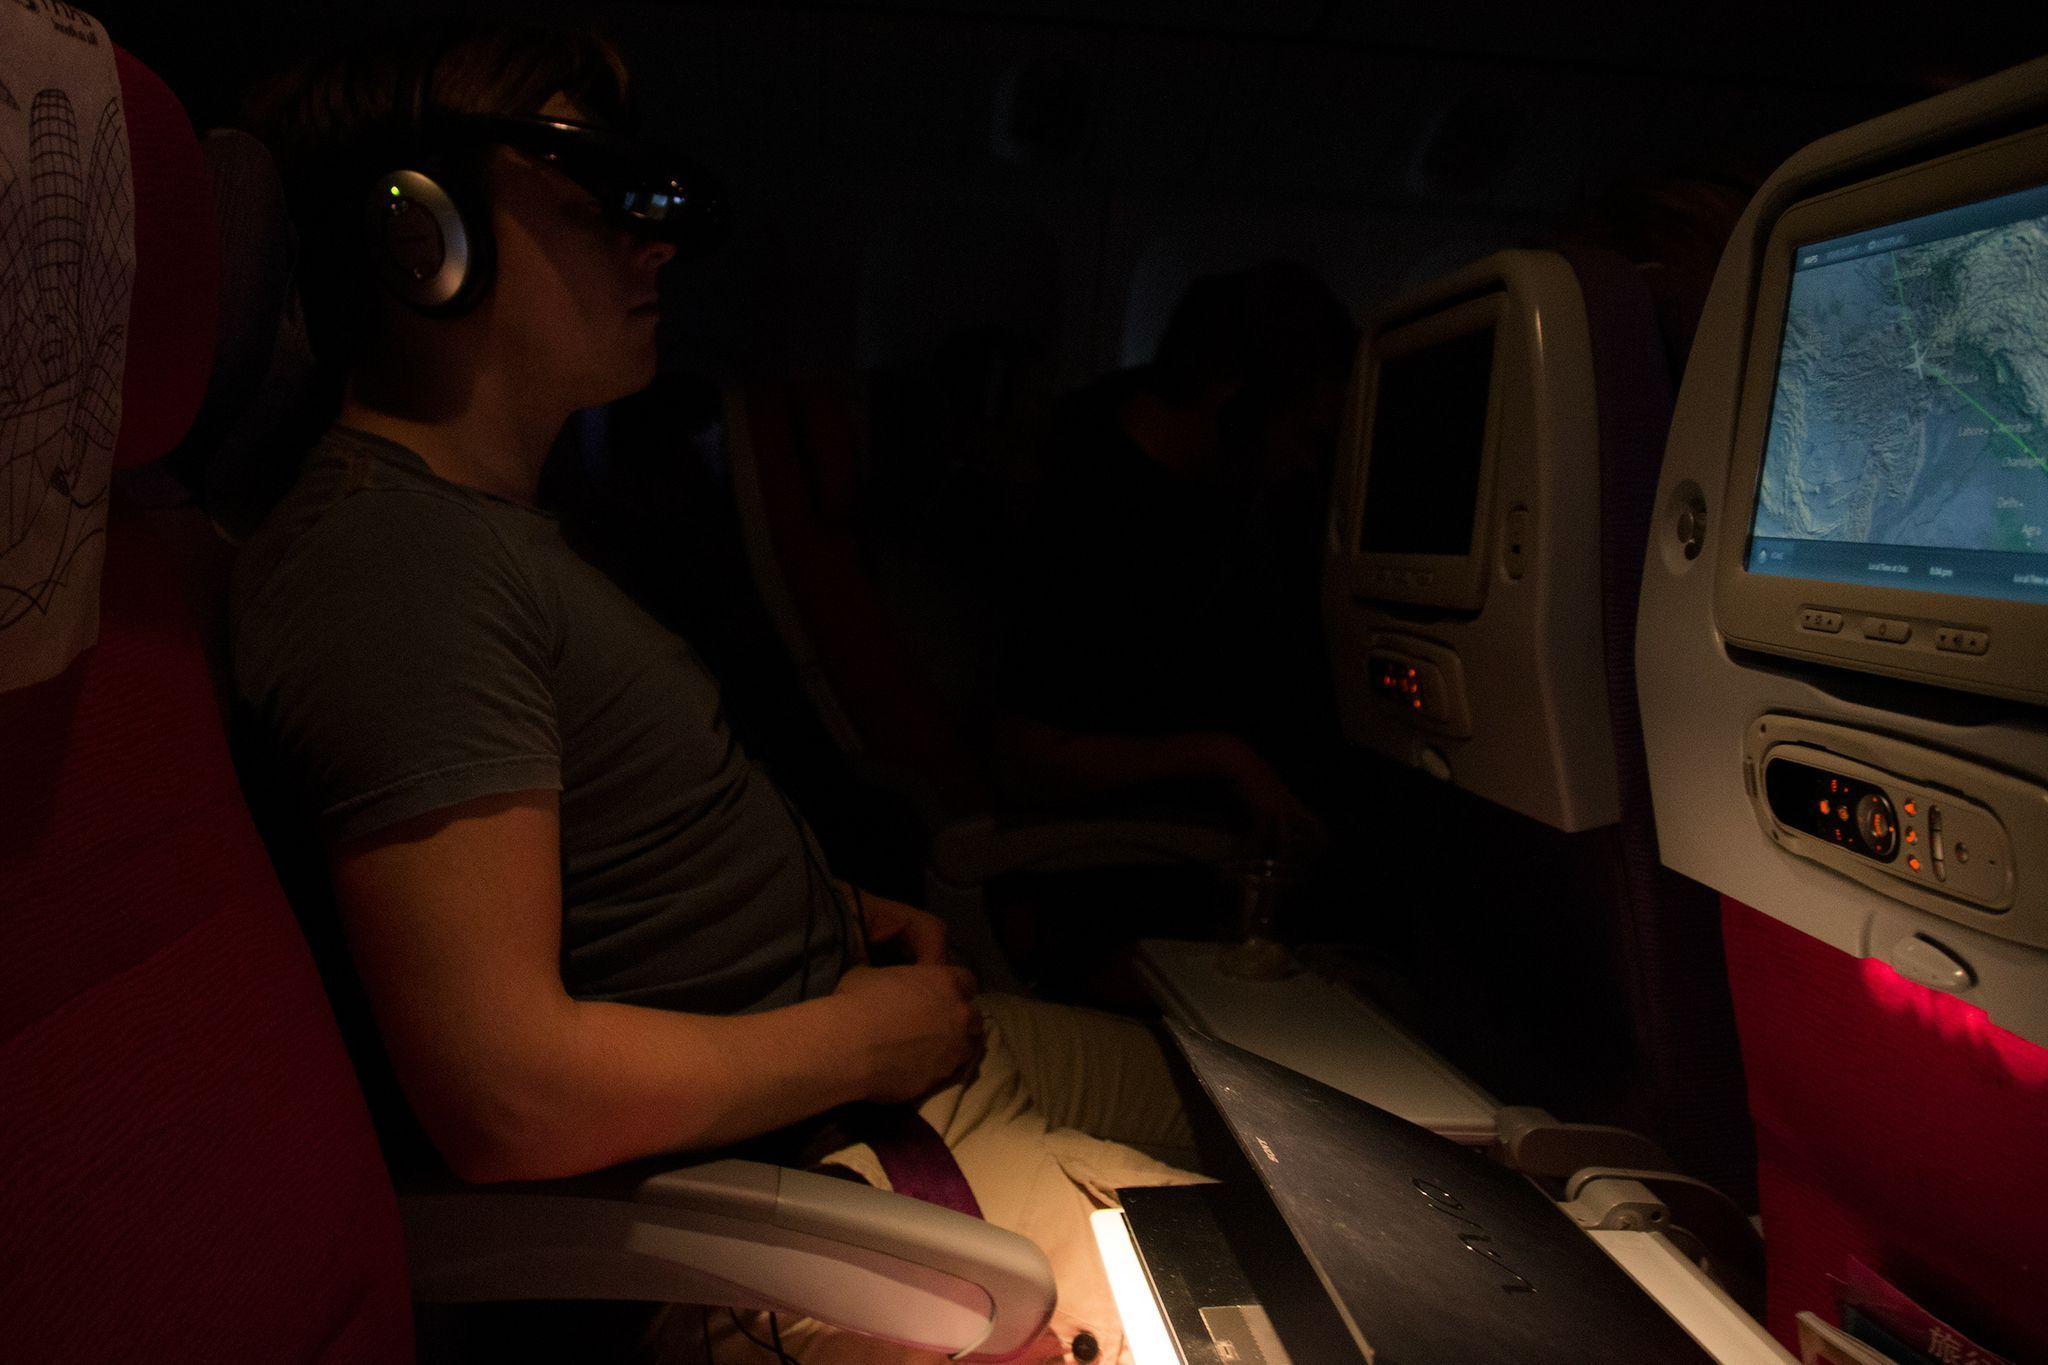 Med mørke omgivelser fungerer de fleste alternativene bra, men det er alltids noen som skrur på en leselampe.Foto: Rolf B. Wegner, Hardware.no